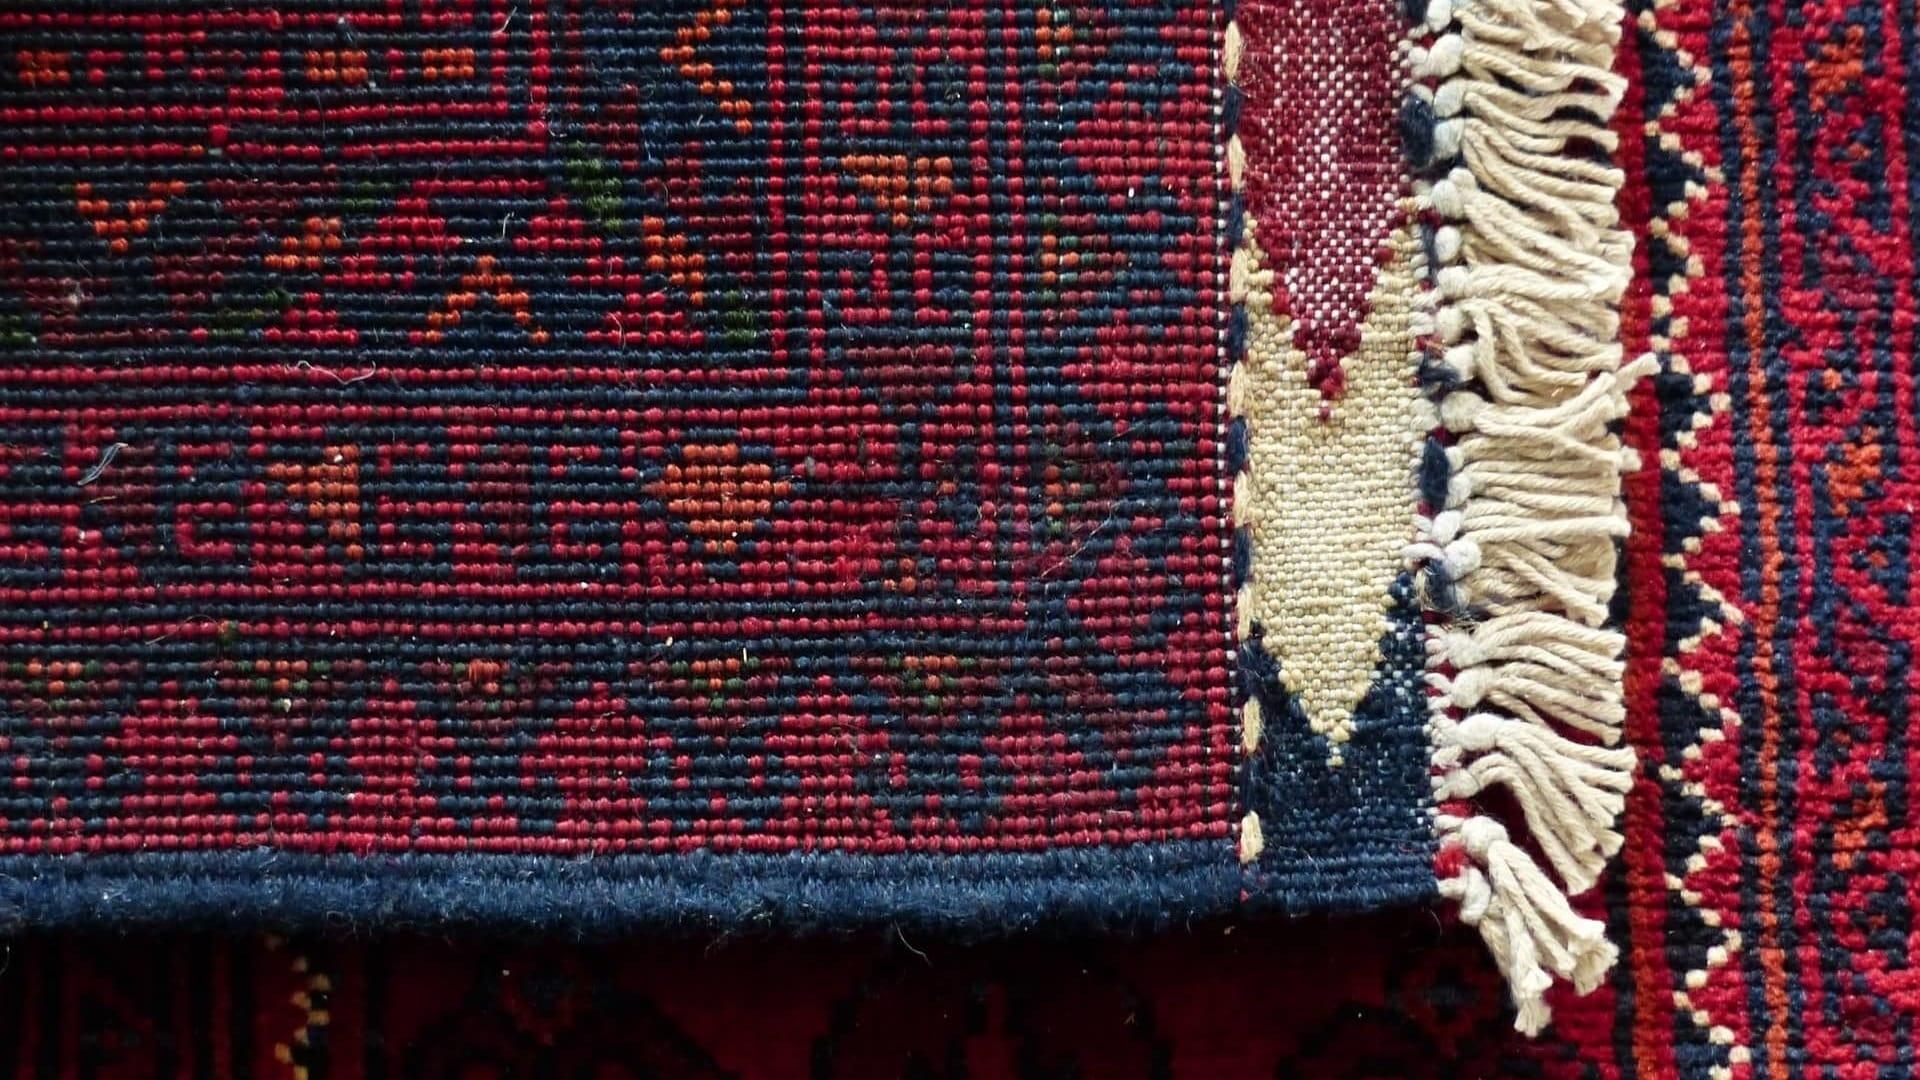 Negozi Tappeti Napoli E Provincia i migliori 30 realizzatori di tappeti su misura a napoli